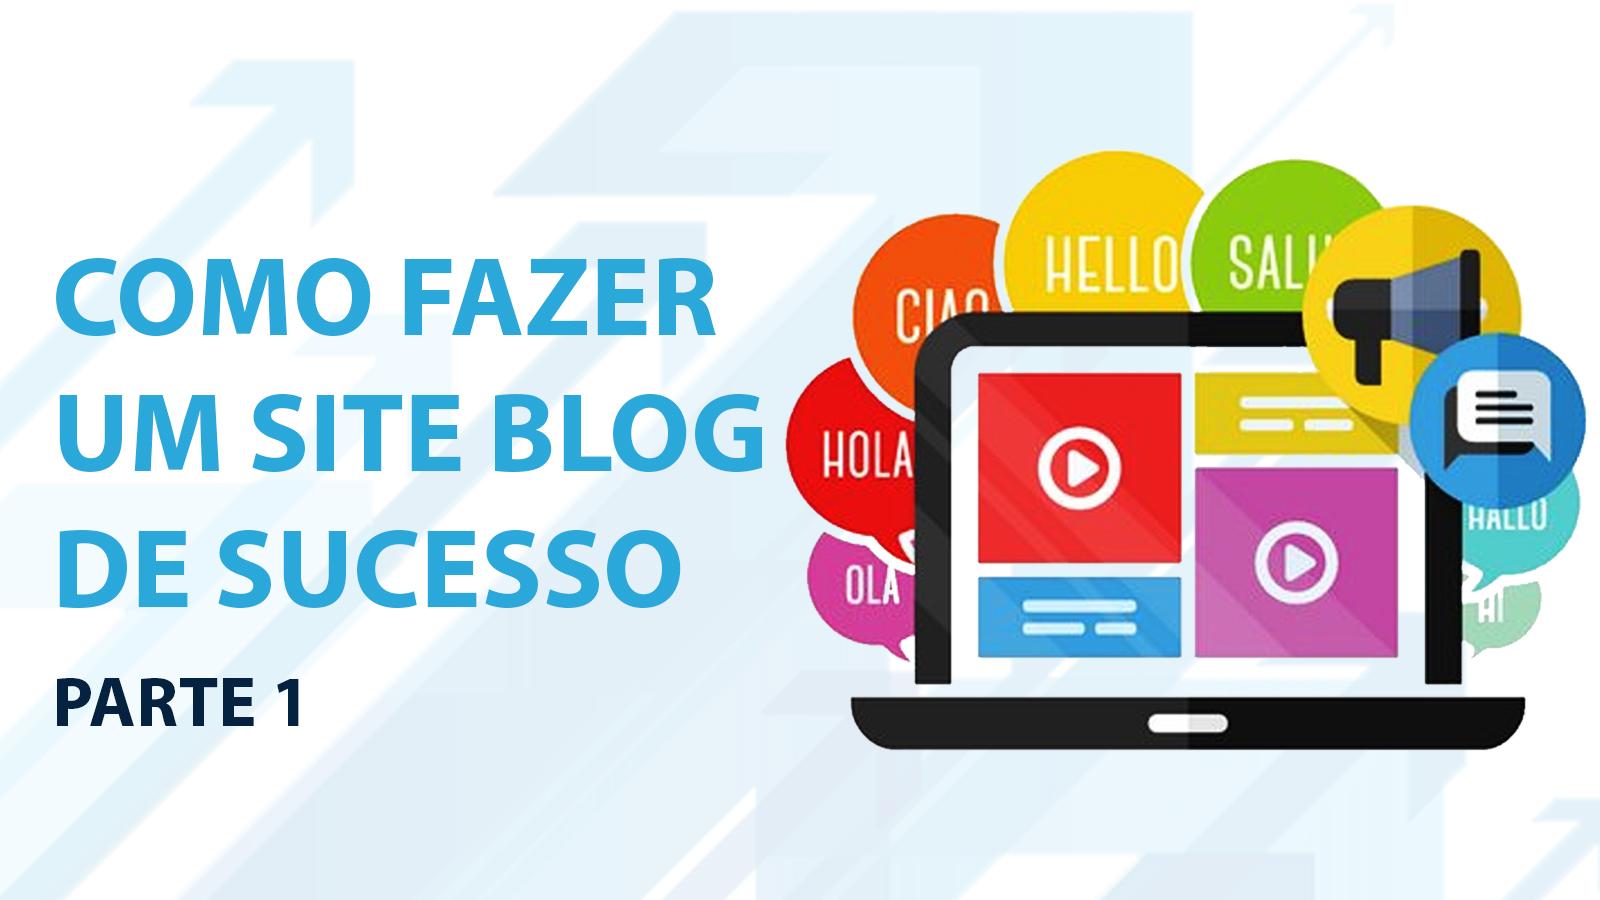 Como fazer um site blog de sucesso parte 1